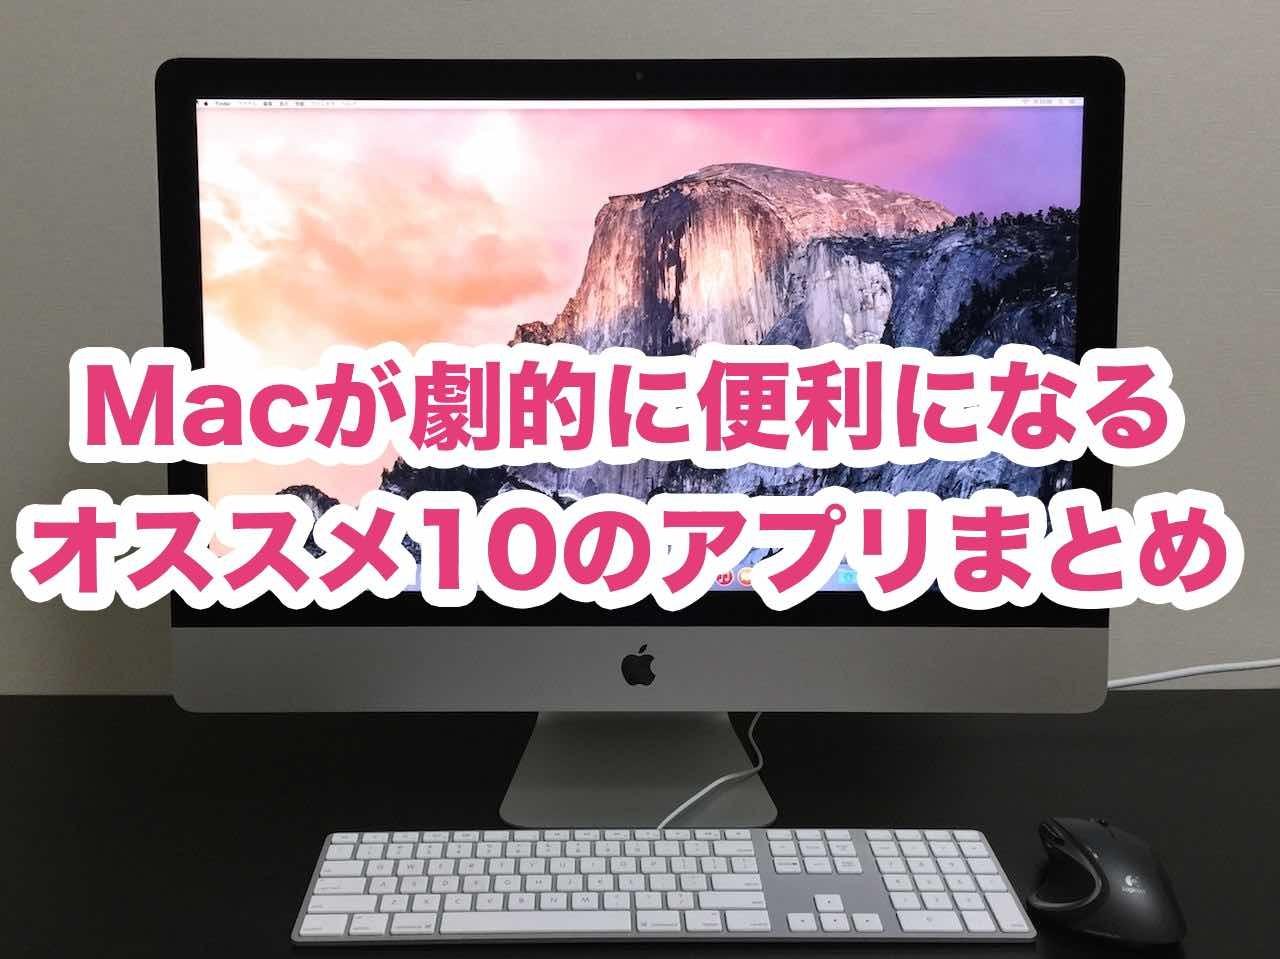 Macが劇的に便利になるオススメ10のアプリランキング!